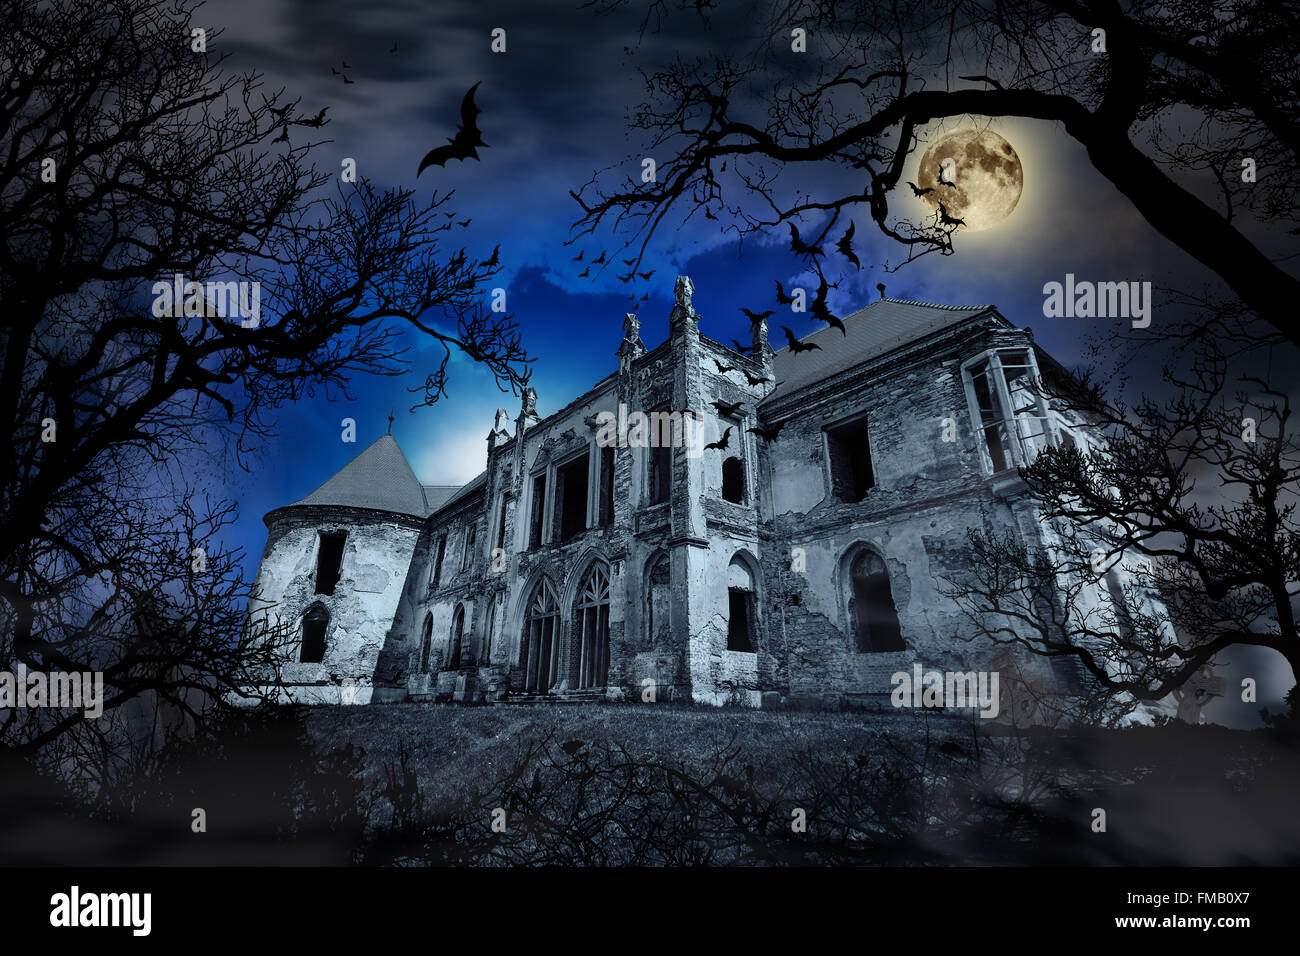 Haunted House en creepy Fondo nubloso con siluetas de árbol. Imagen De Stock